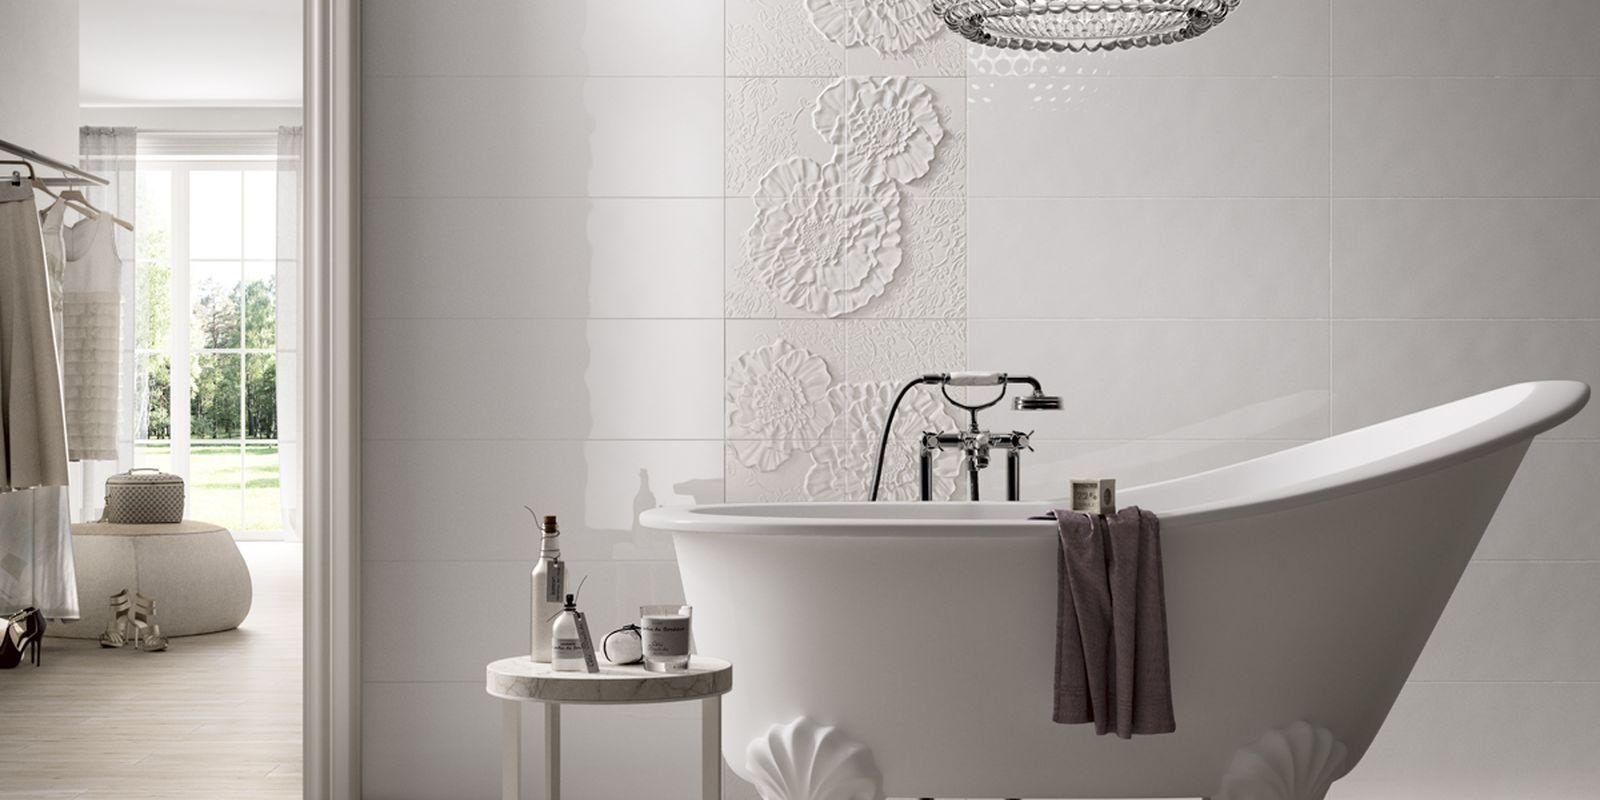 Nuance Cooperativa Ceramiche d\'Imola: Rivestimenti Gres Porcellanato ...